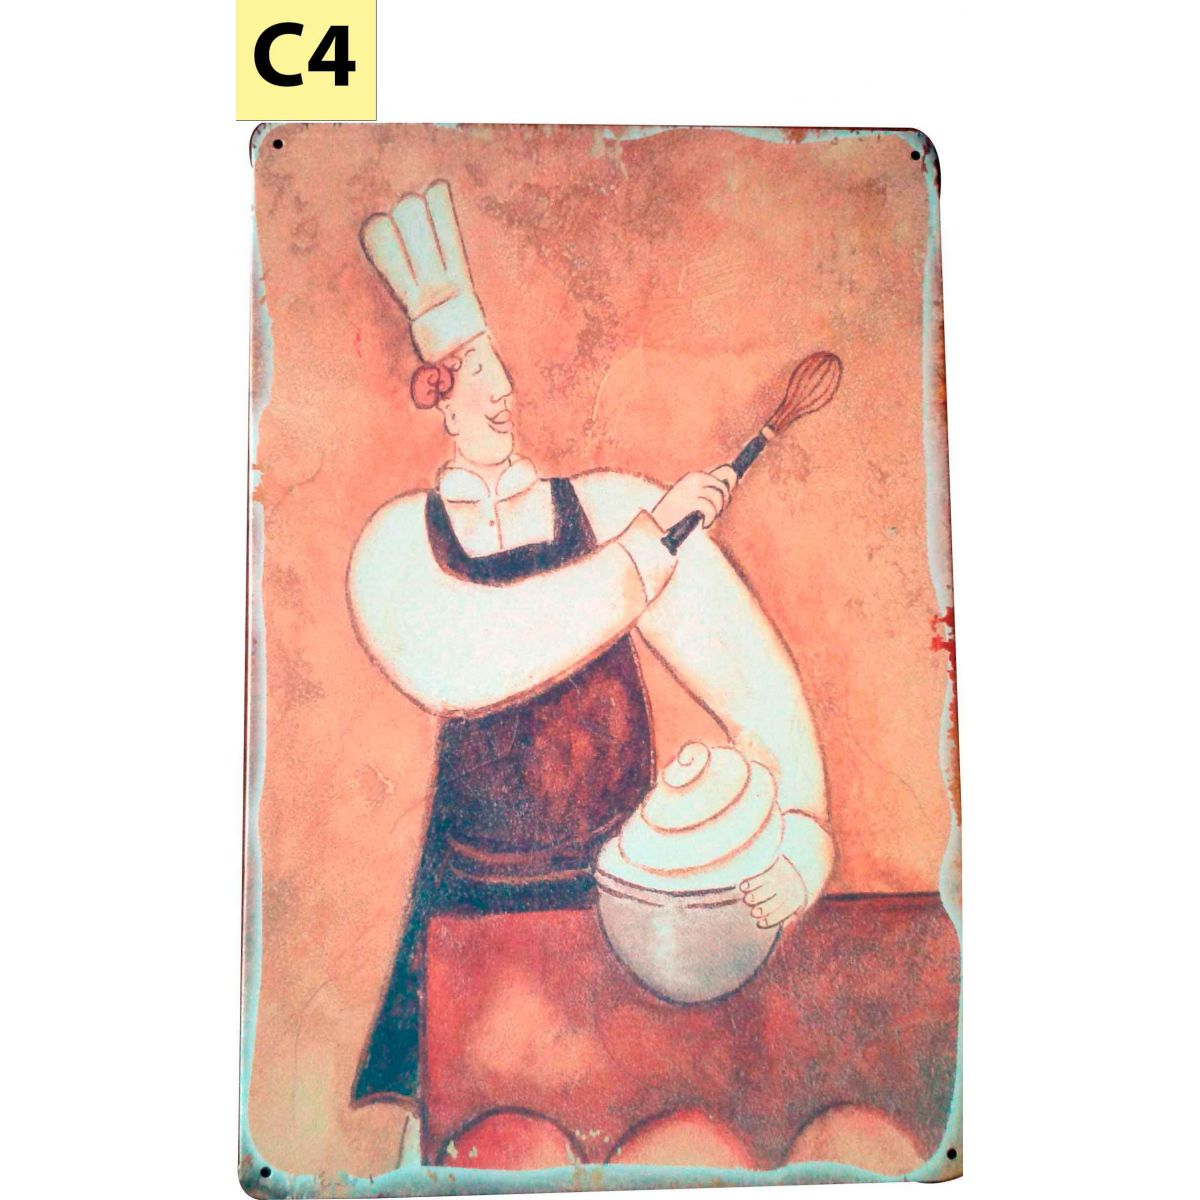 Placa Decorativa Vintage Cozinha - Chefe Gourmet - Frete Grátis  - Thata Esportes